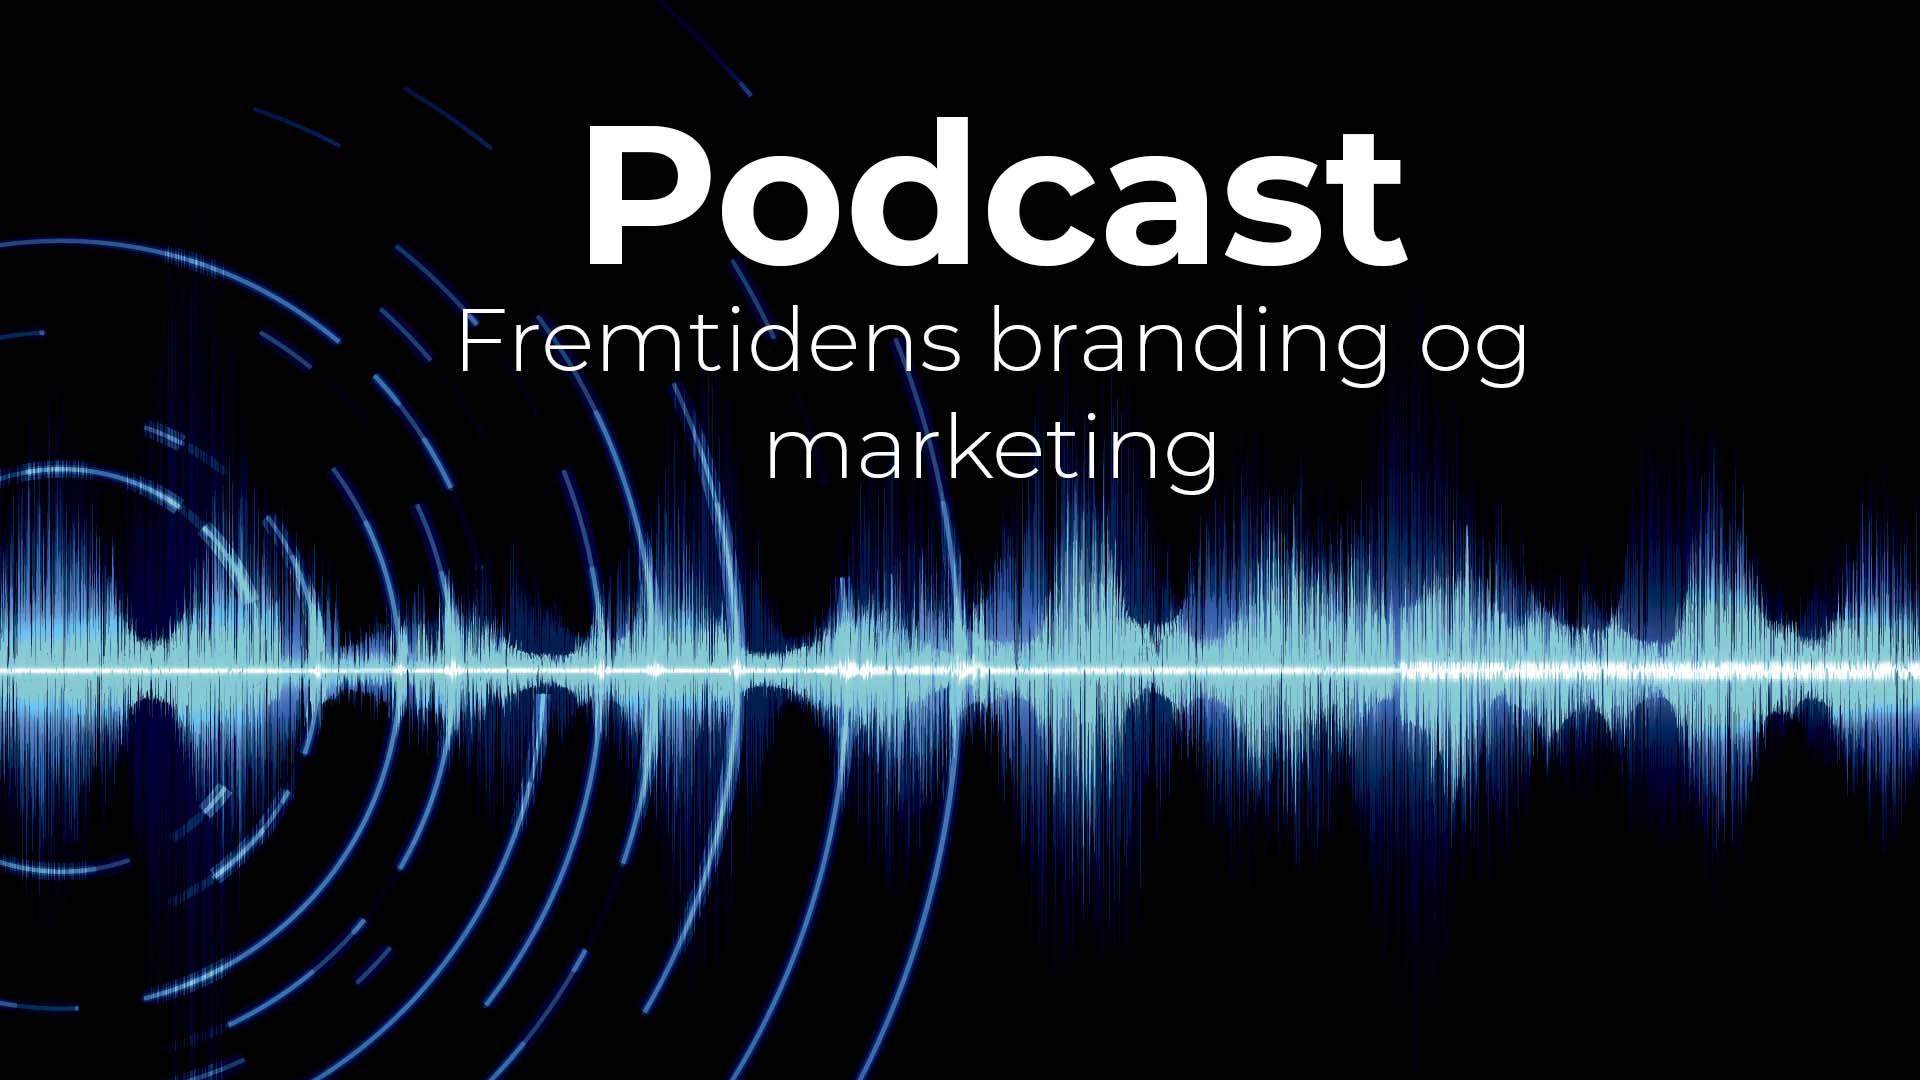 Podcast fremtidens branding og markedsføring